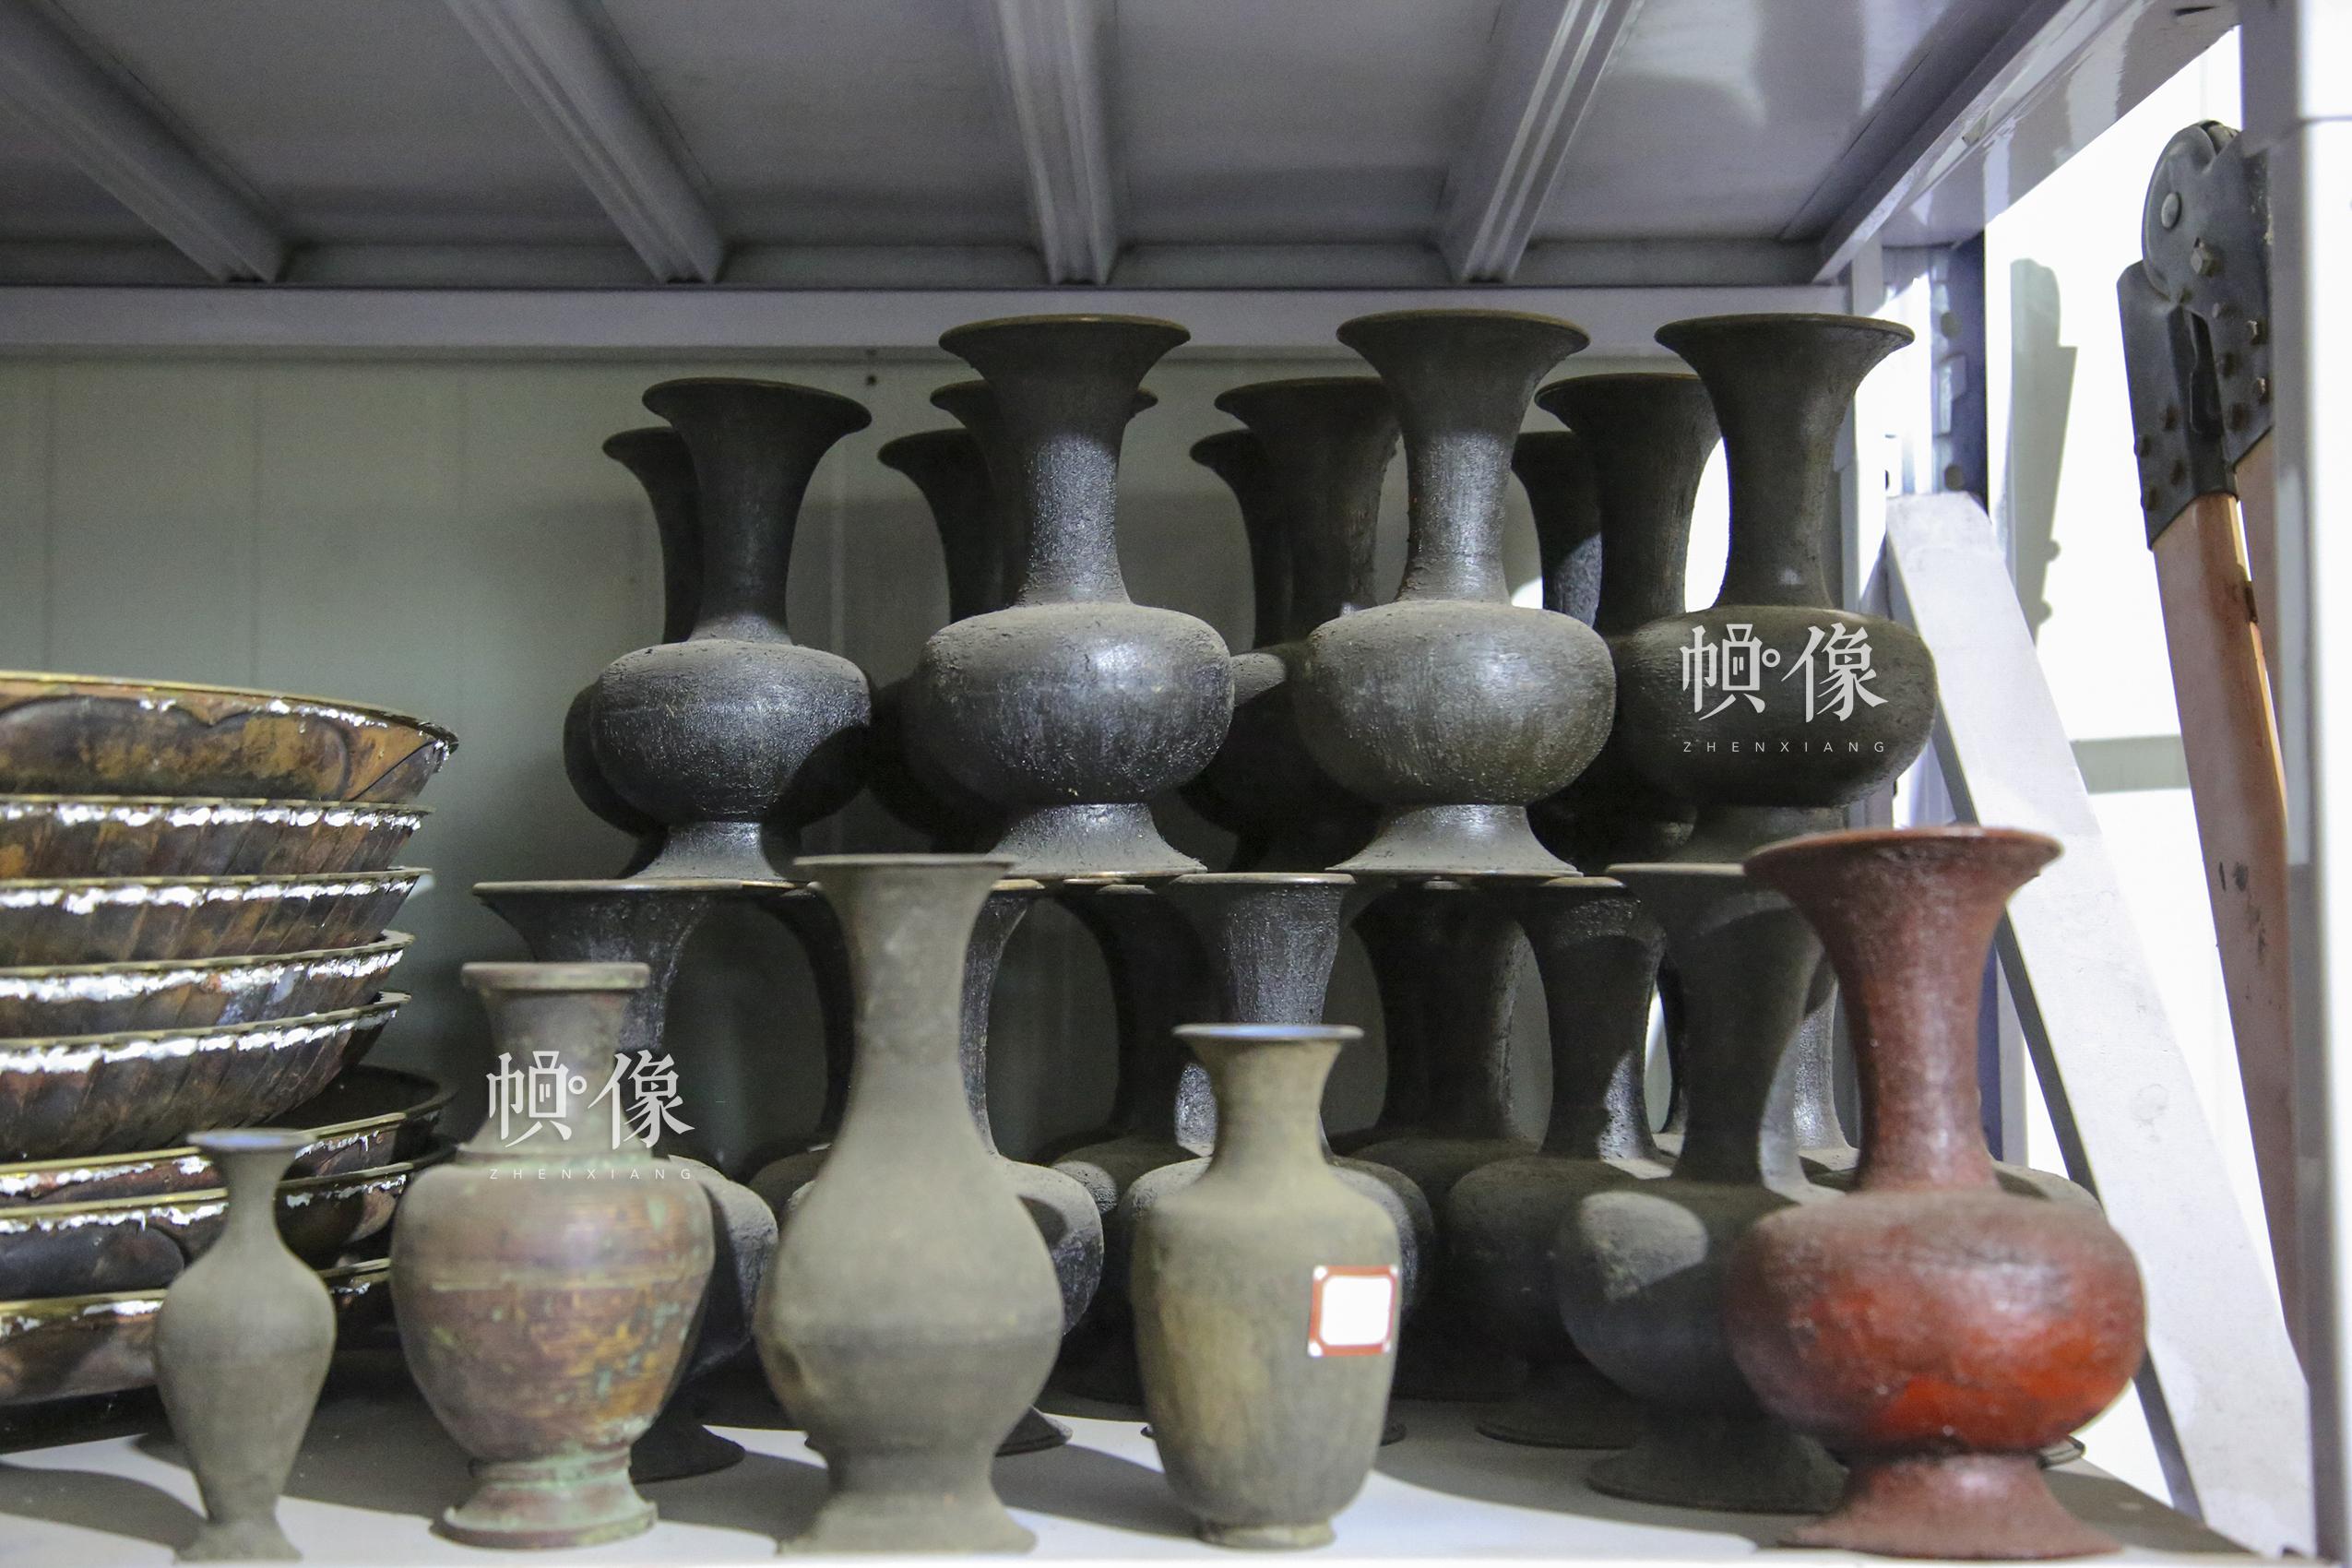 """2017年9月20日,""""明古斋""""雕漆工厂车间,用于制作雕漆的铜质胎具。由于铜材有压延性,可塑性,适宜于各种形体的制作;铜材硬中有软,又适合铜漆吻合的需要,且易于抛光擦拭,所以铜材成为制造雕漆内胎的最主要的原材料。使用铜料的雕漆制品,大都是瓶类、罐类、盒类、洗类、炉鼎熏类等,以圆体形的内胎为多数。中国网记者 黄富友 摄"""